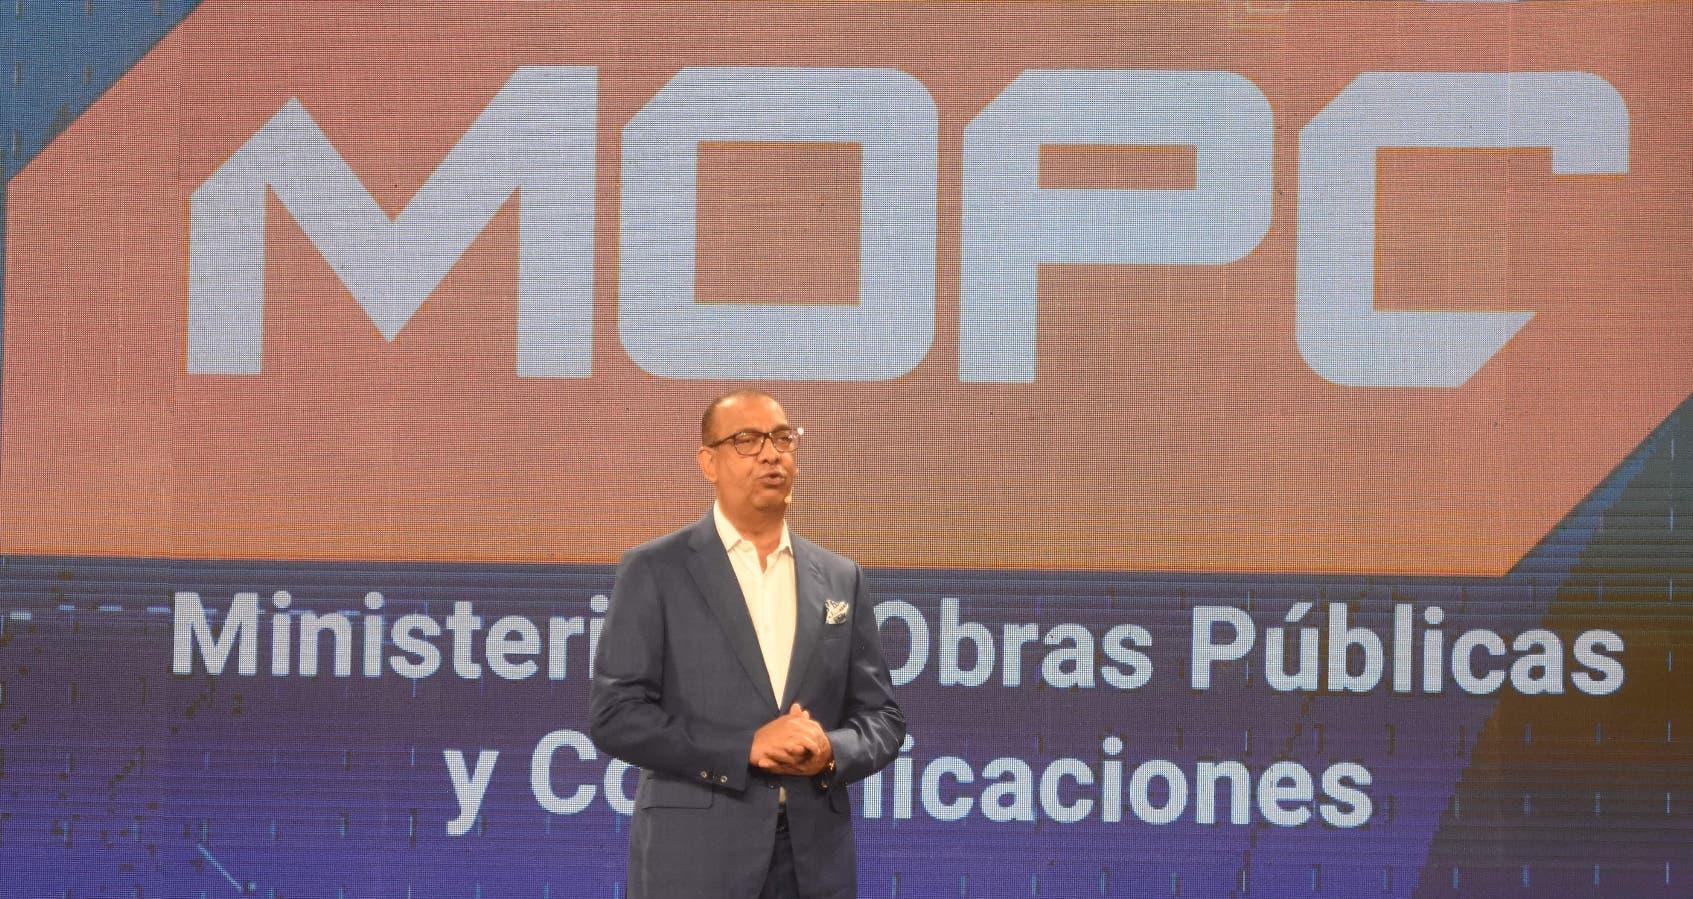 Ministro de Obras Públicas destaca inversión de 77 mil millones en obras